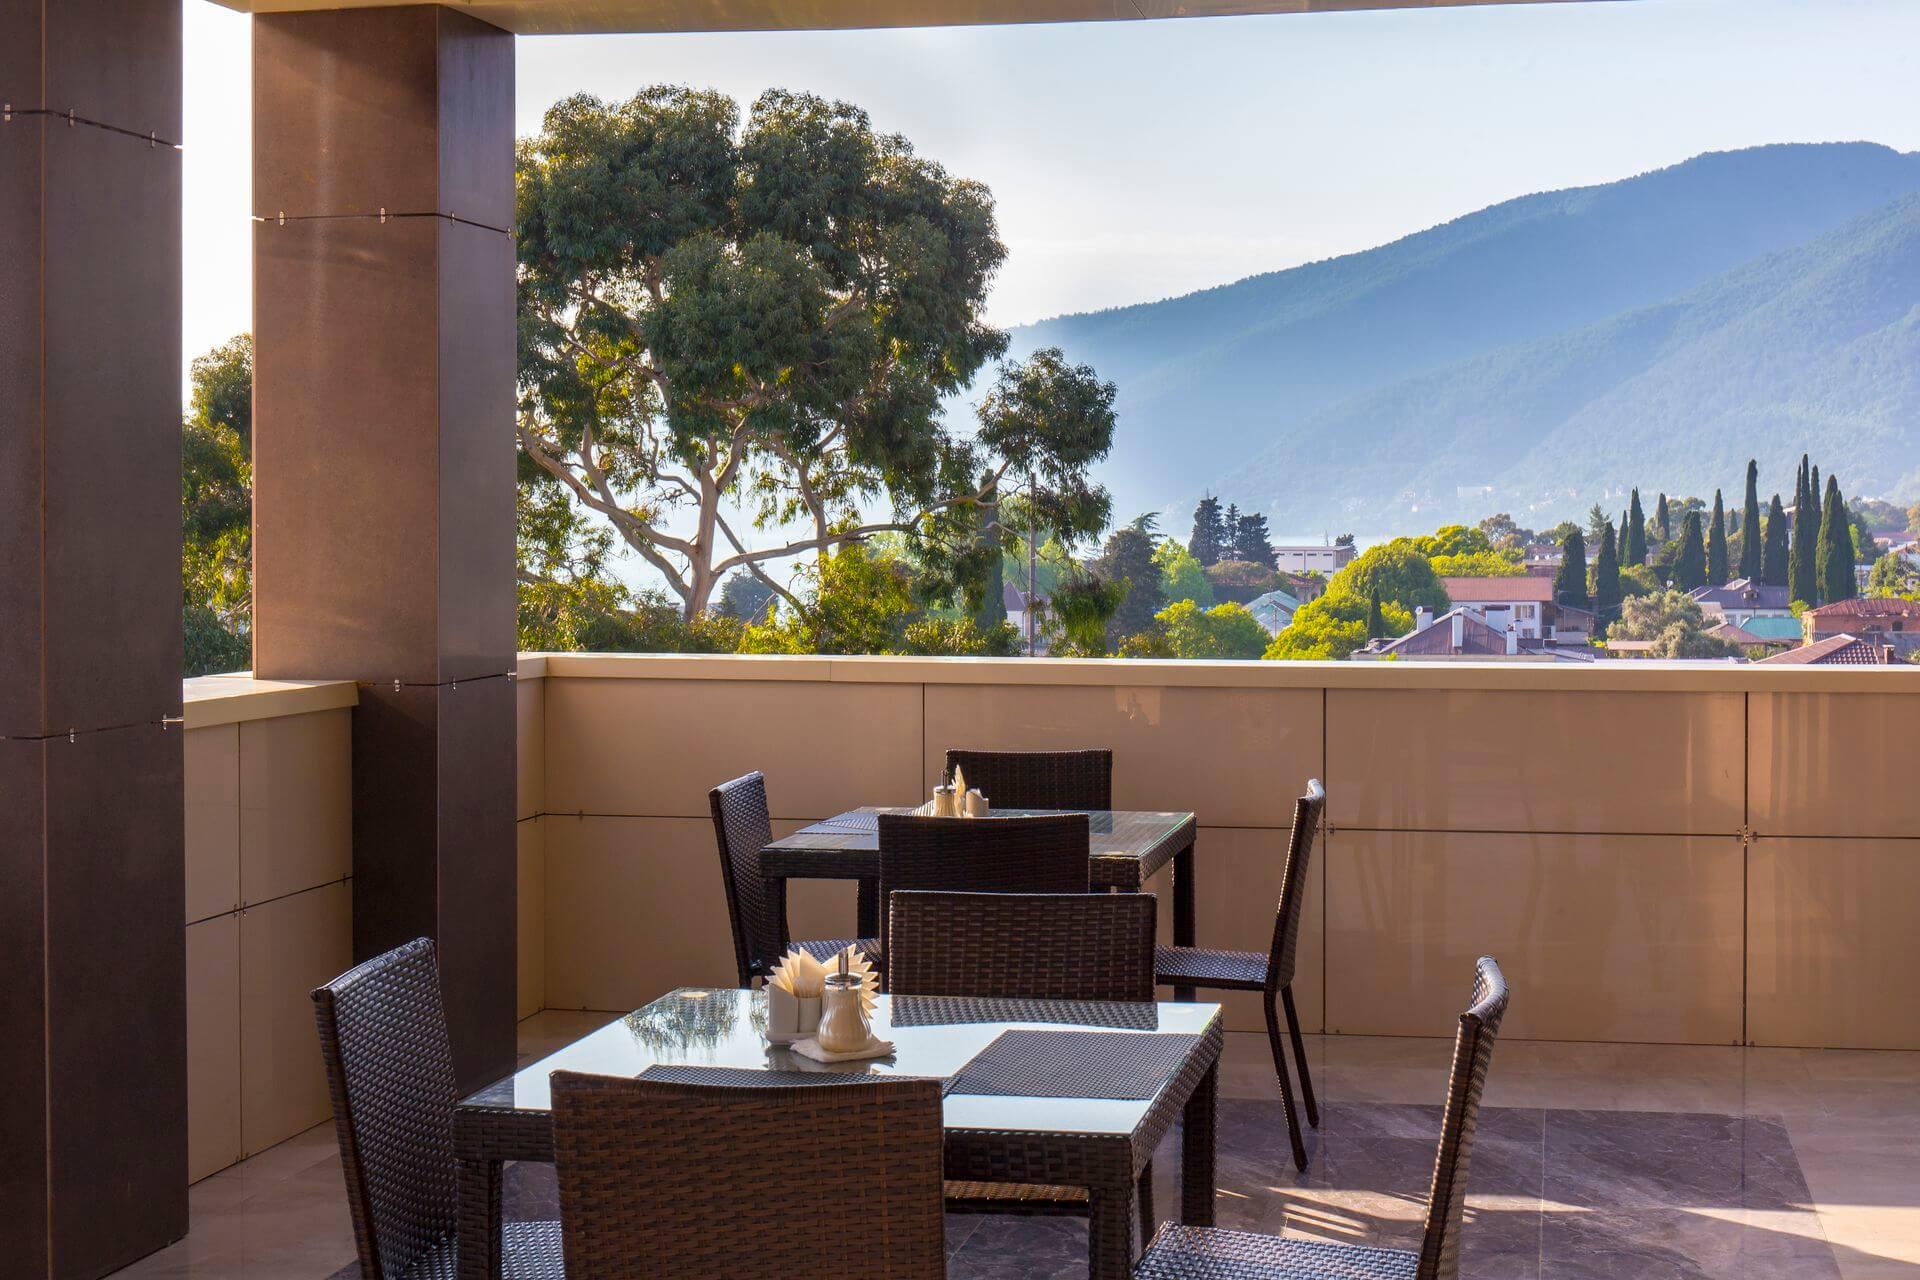 Бар - Гранд отель Гагра - отель европейского уровня в Абхазии (Grand Hotel Gagra)